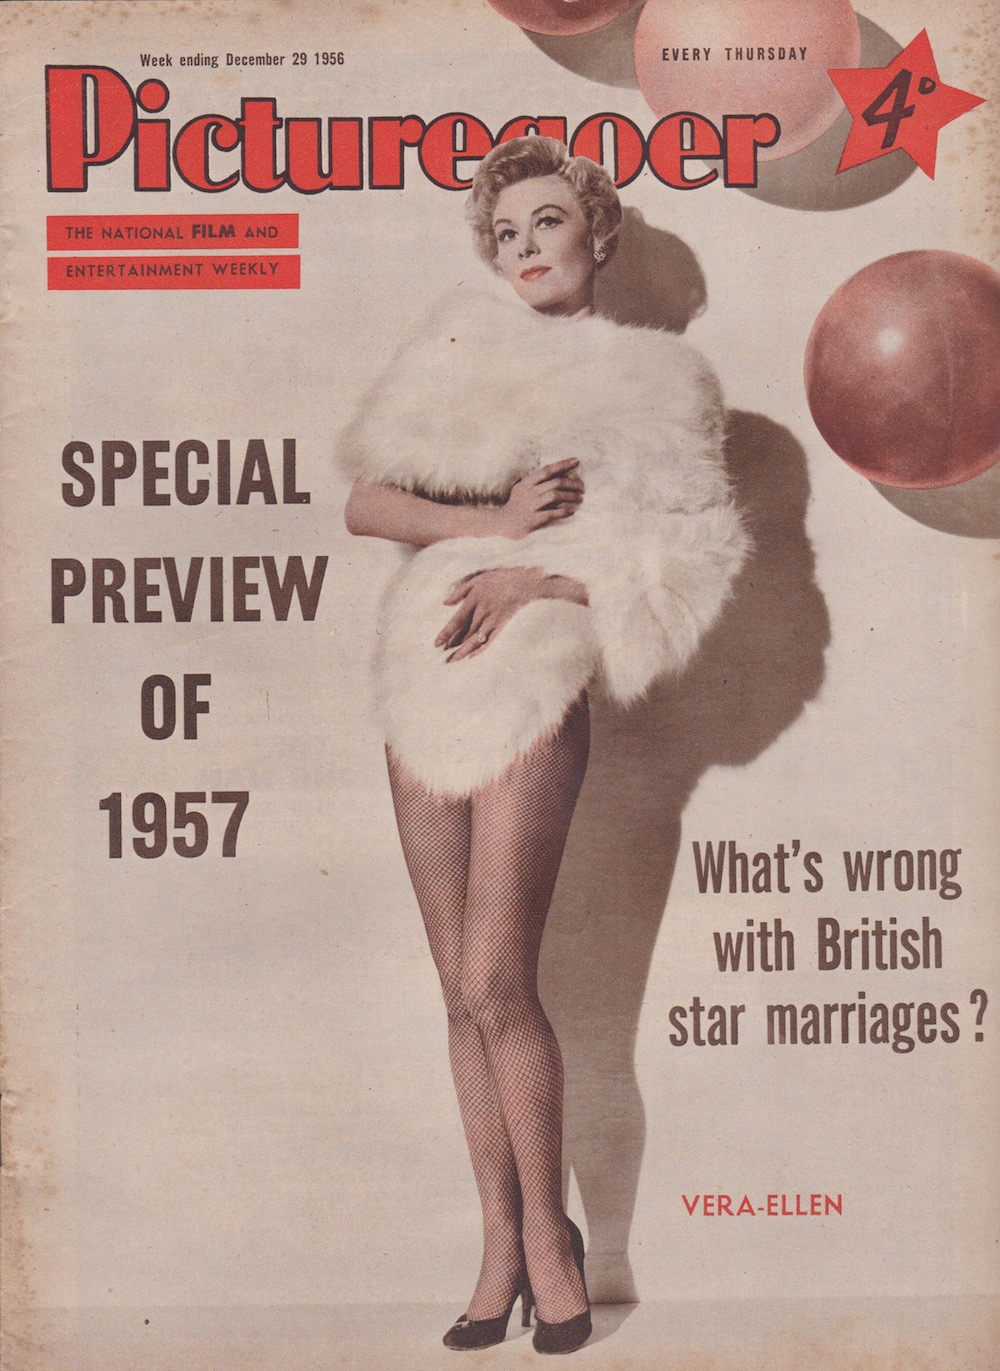 Picturegoer December 29 1957 Vera-Ellen cover